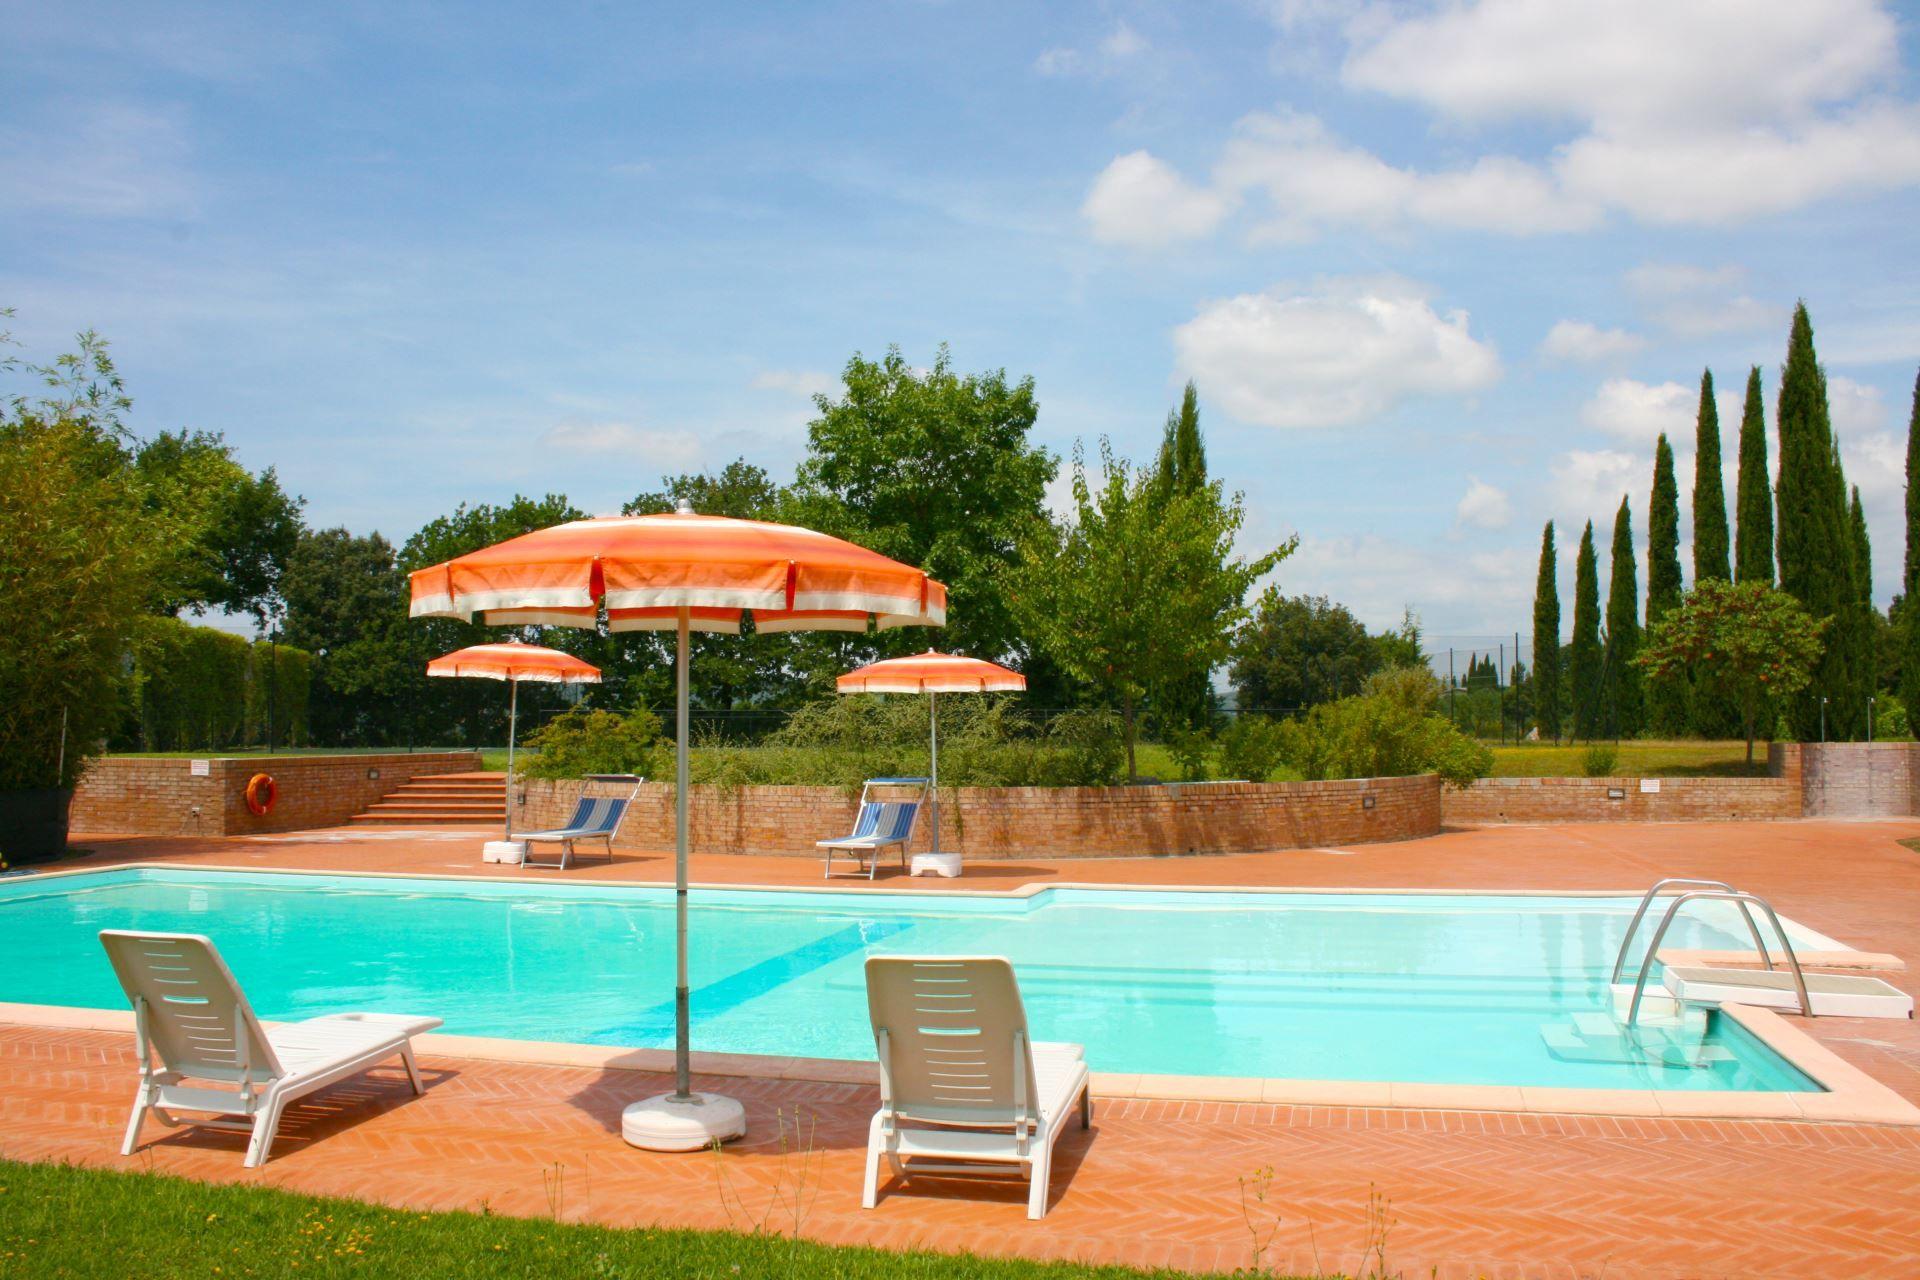 La Contea Location De Vacances - Couchages 12 Dans 6 ... pour Location Maison De Vacances Avec Piscine Privée